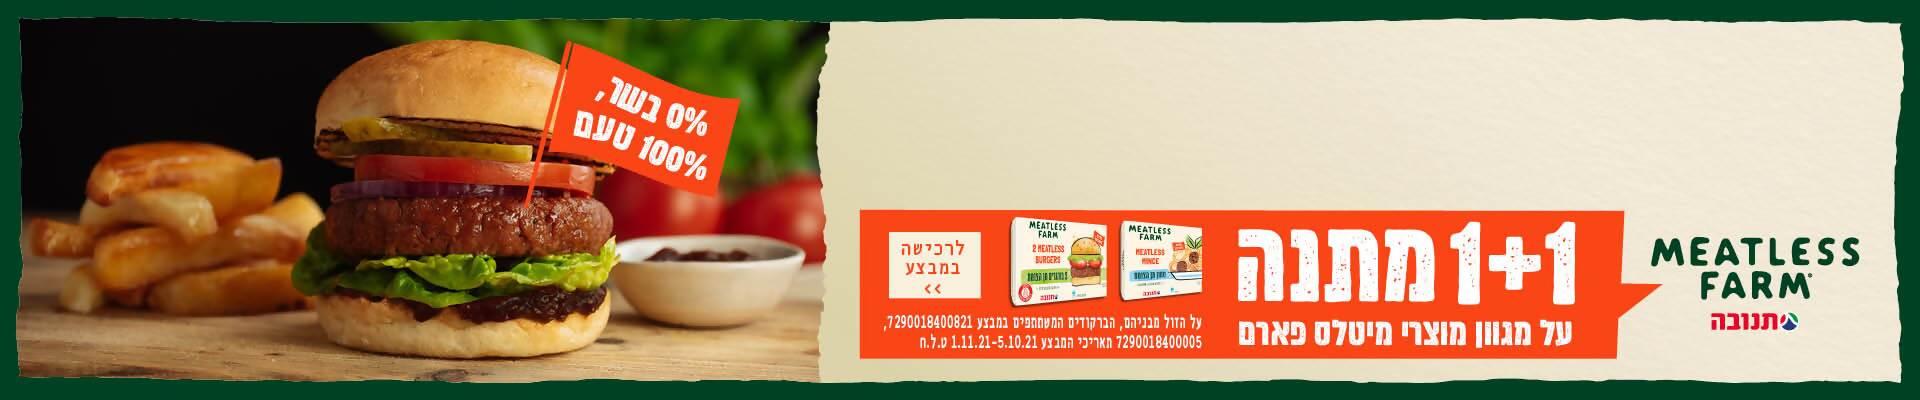 MEATLESS FARM 1+1 מתנה על מגוון מוצרי מיטלס פארם. על הזול מביניהם. הברקודים המשתתפים במבצע: 7290018400821, 729001840005. המבצע בתוקף עד 1.11.21.